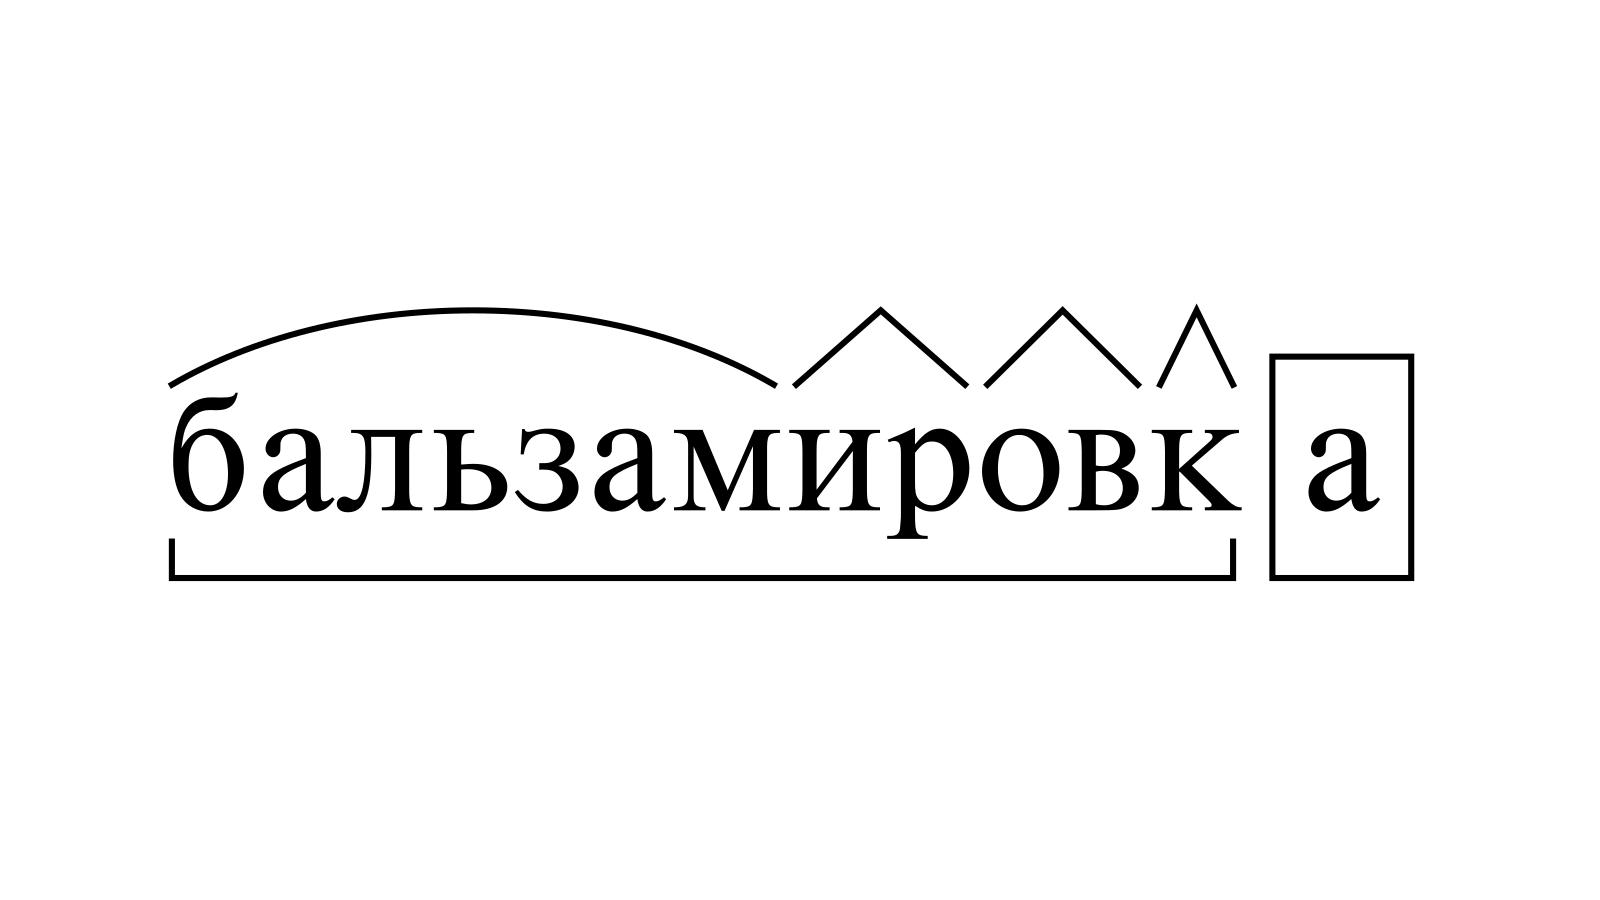 Разбор слова «бальзамировка» по составу